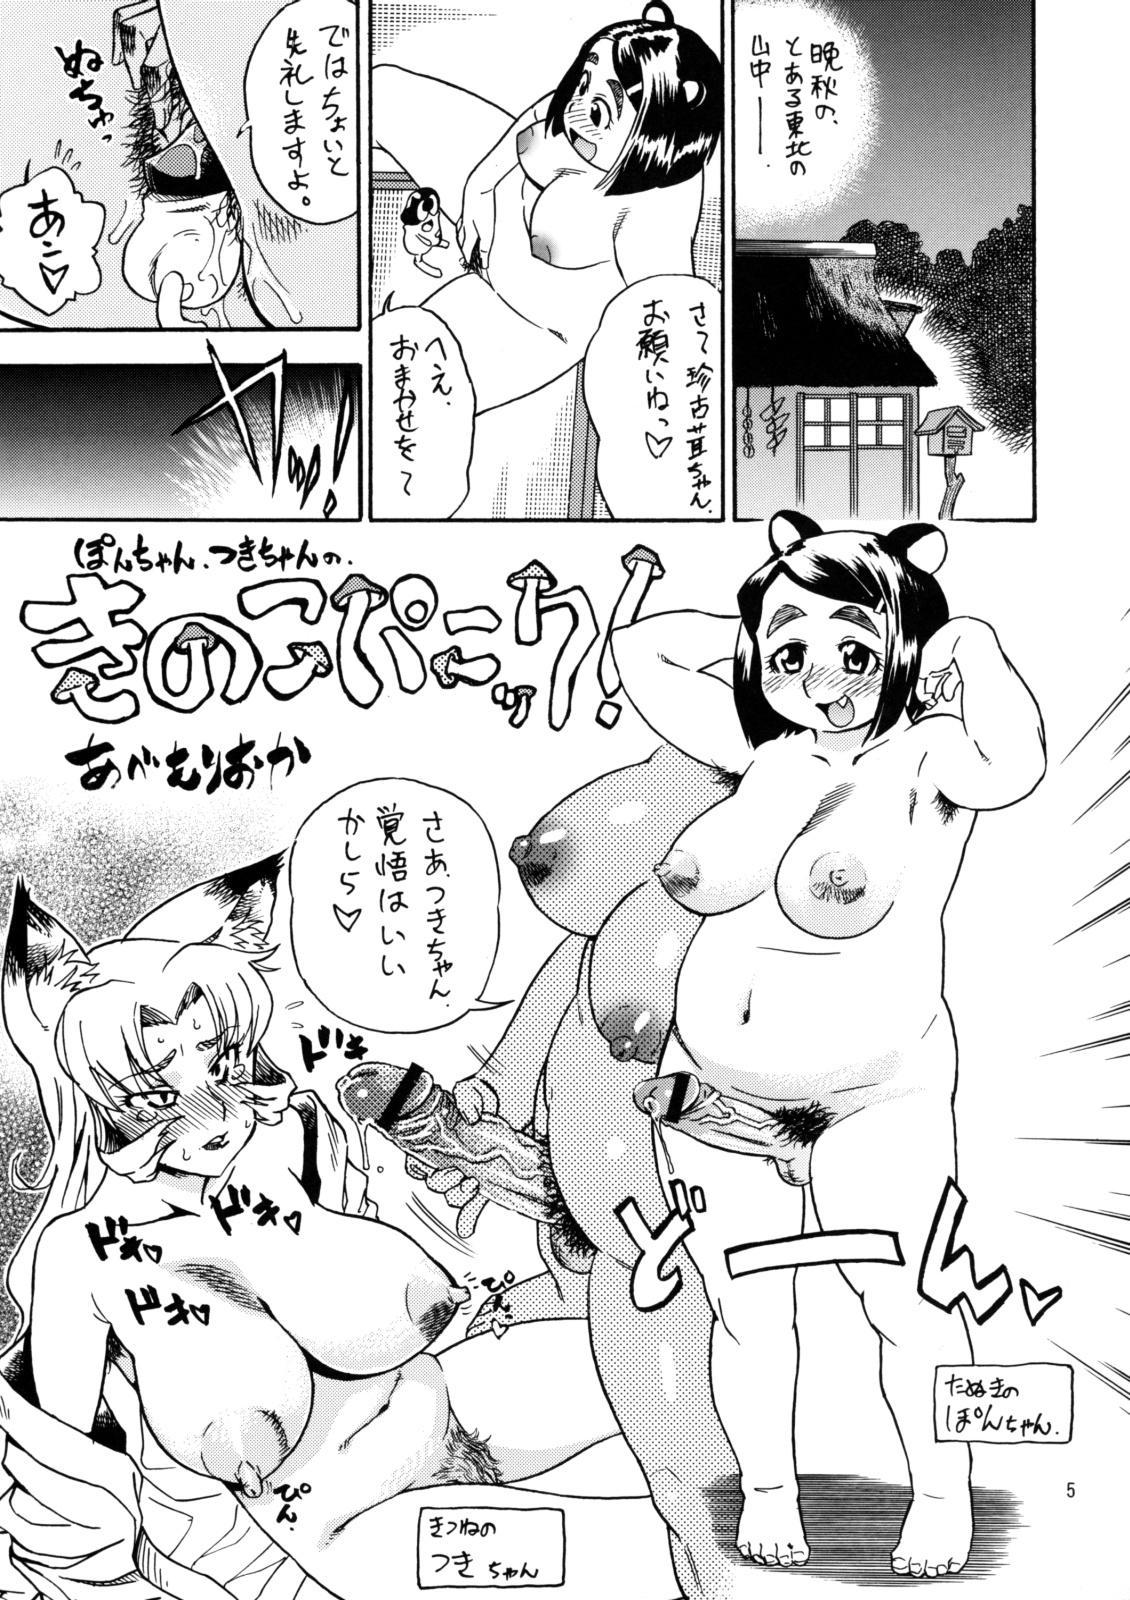 Momo-an 20 3